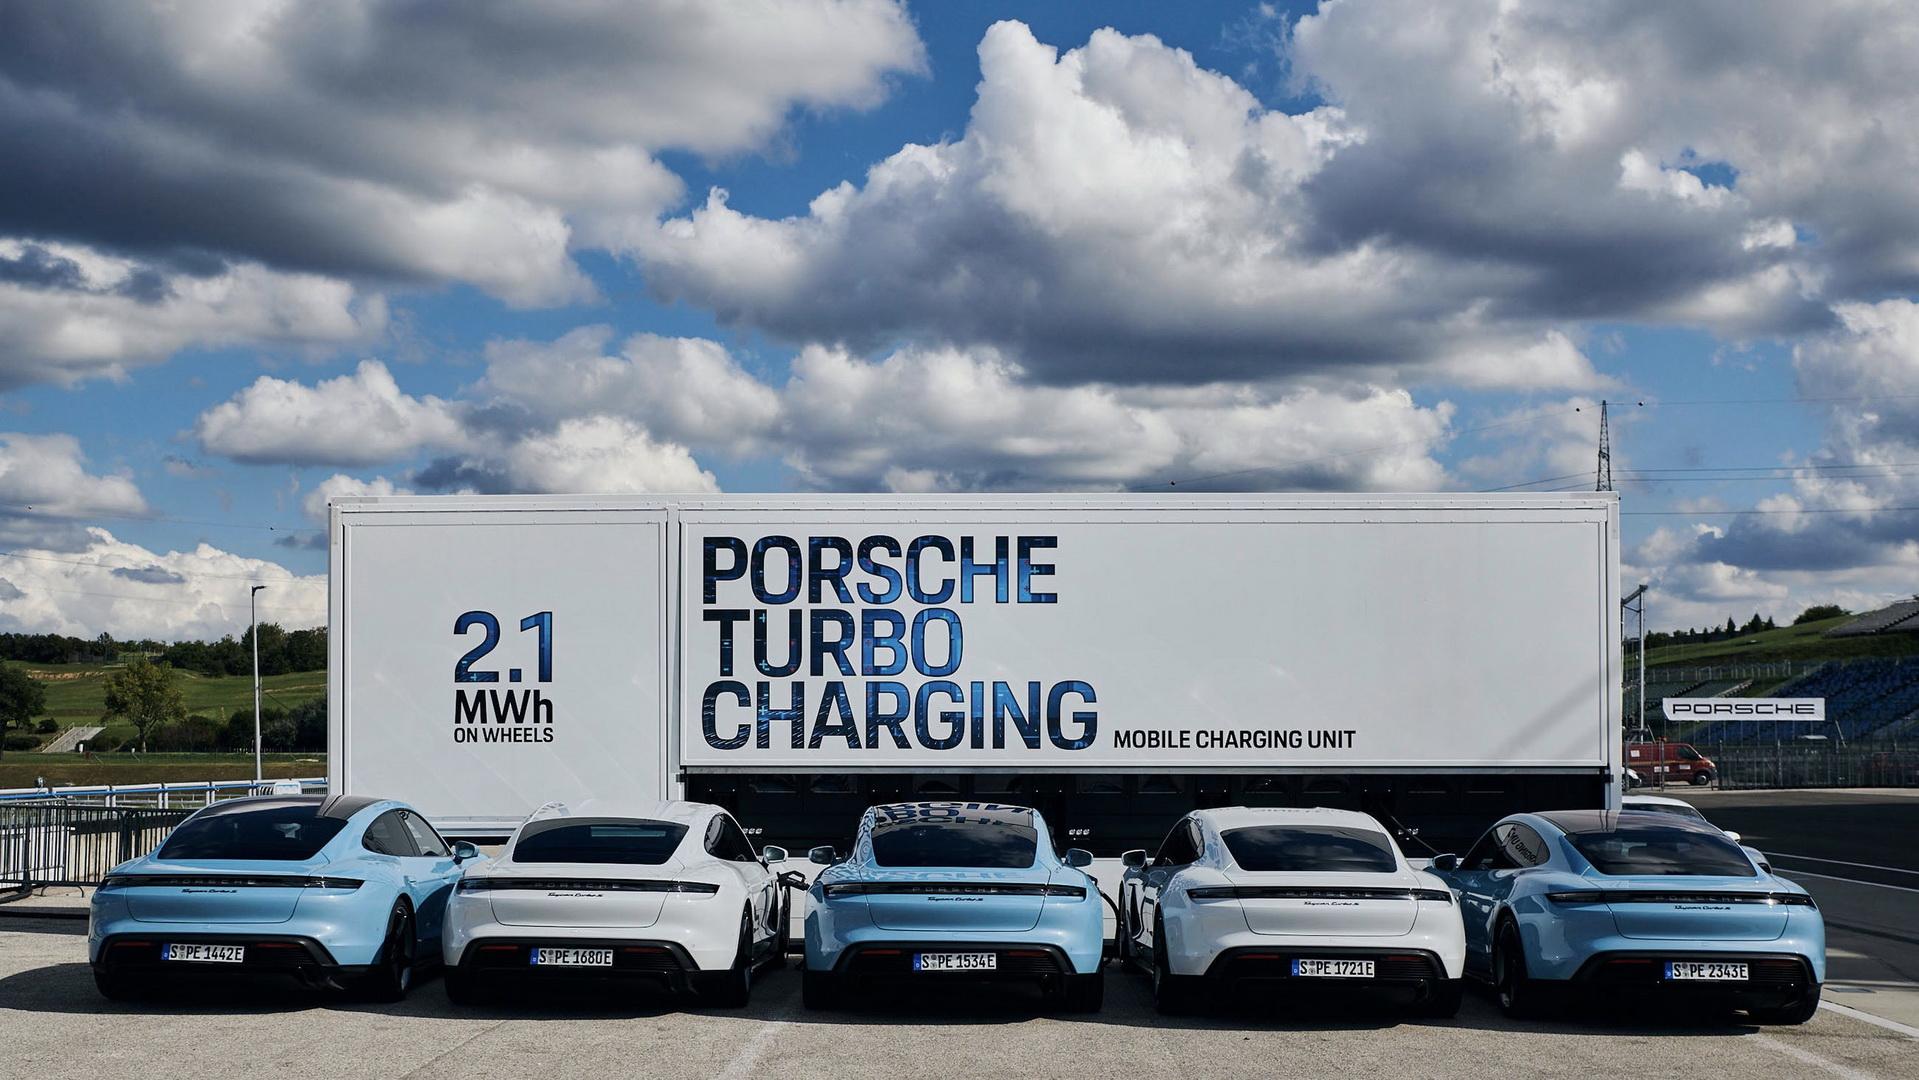 Porsche представила мобильные источники энергии для зарядки электромобилей